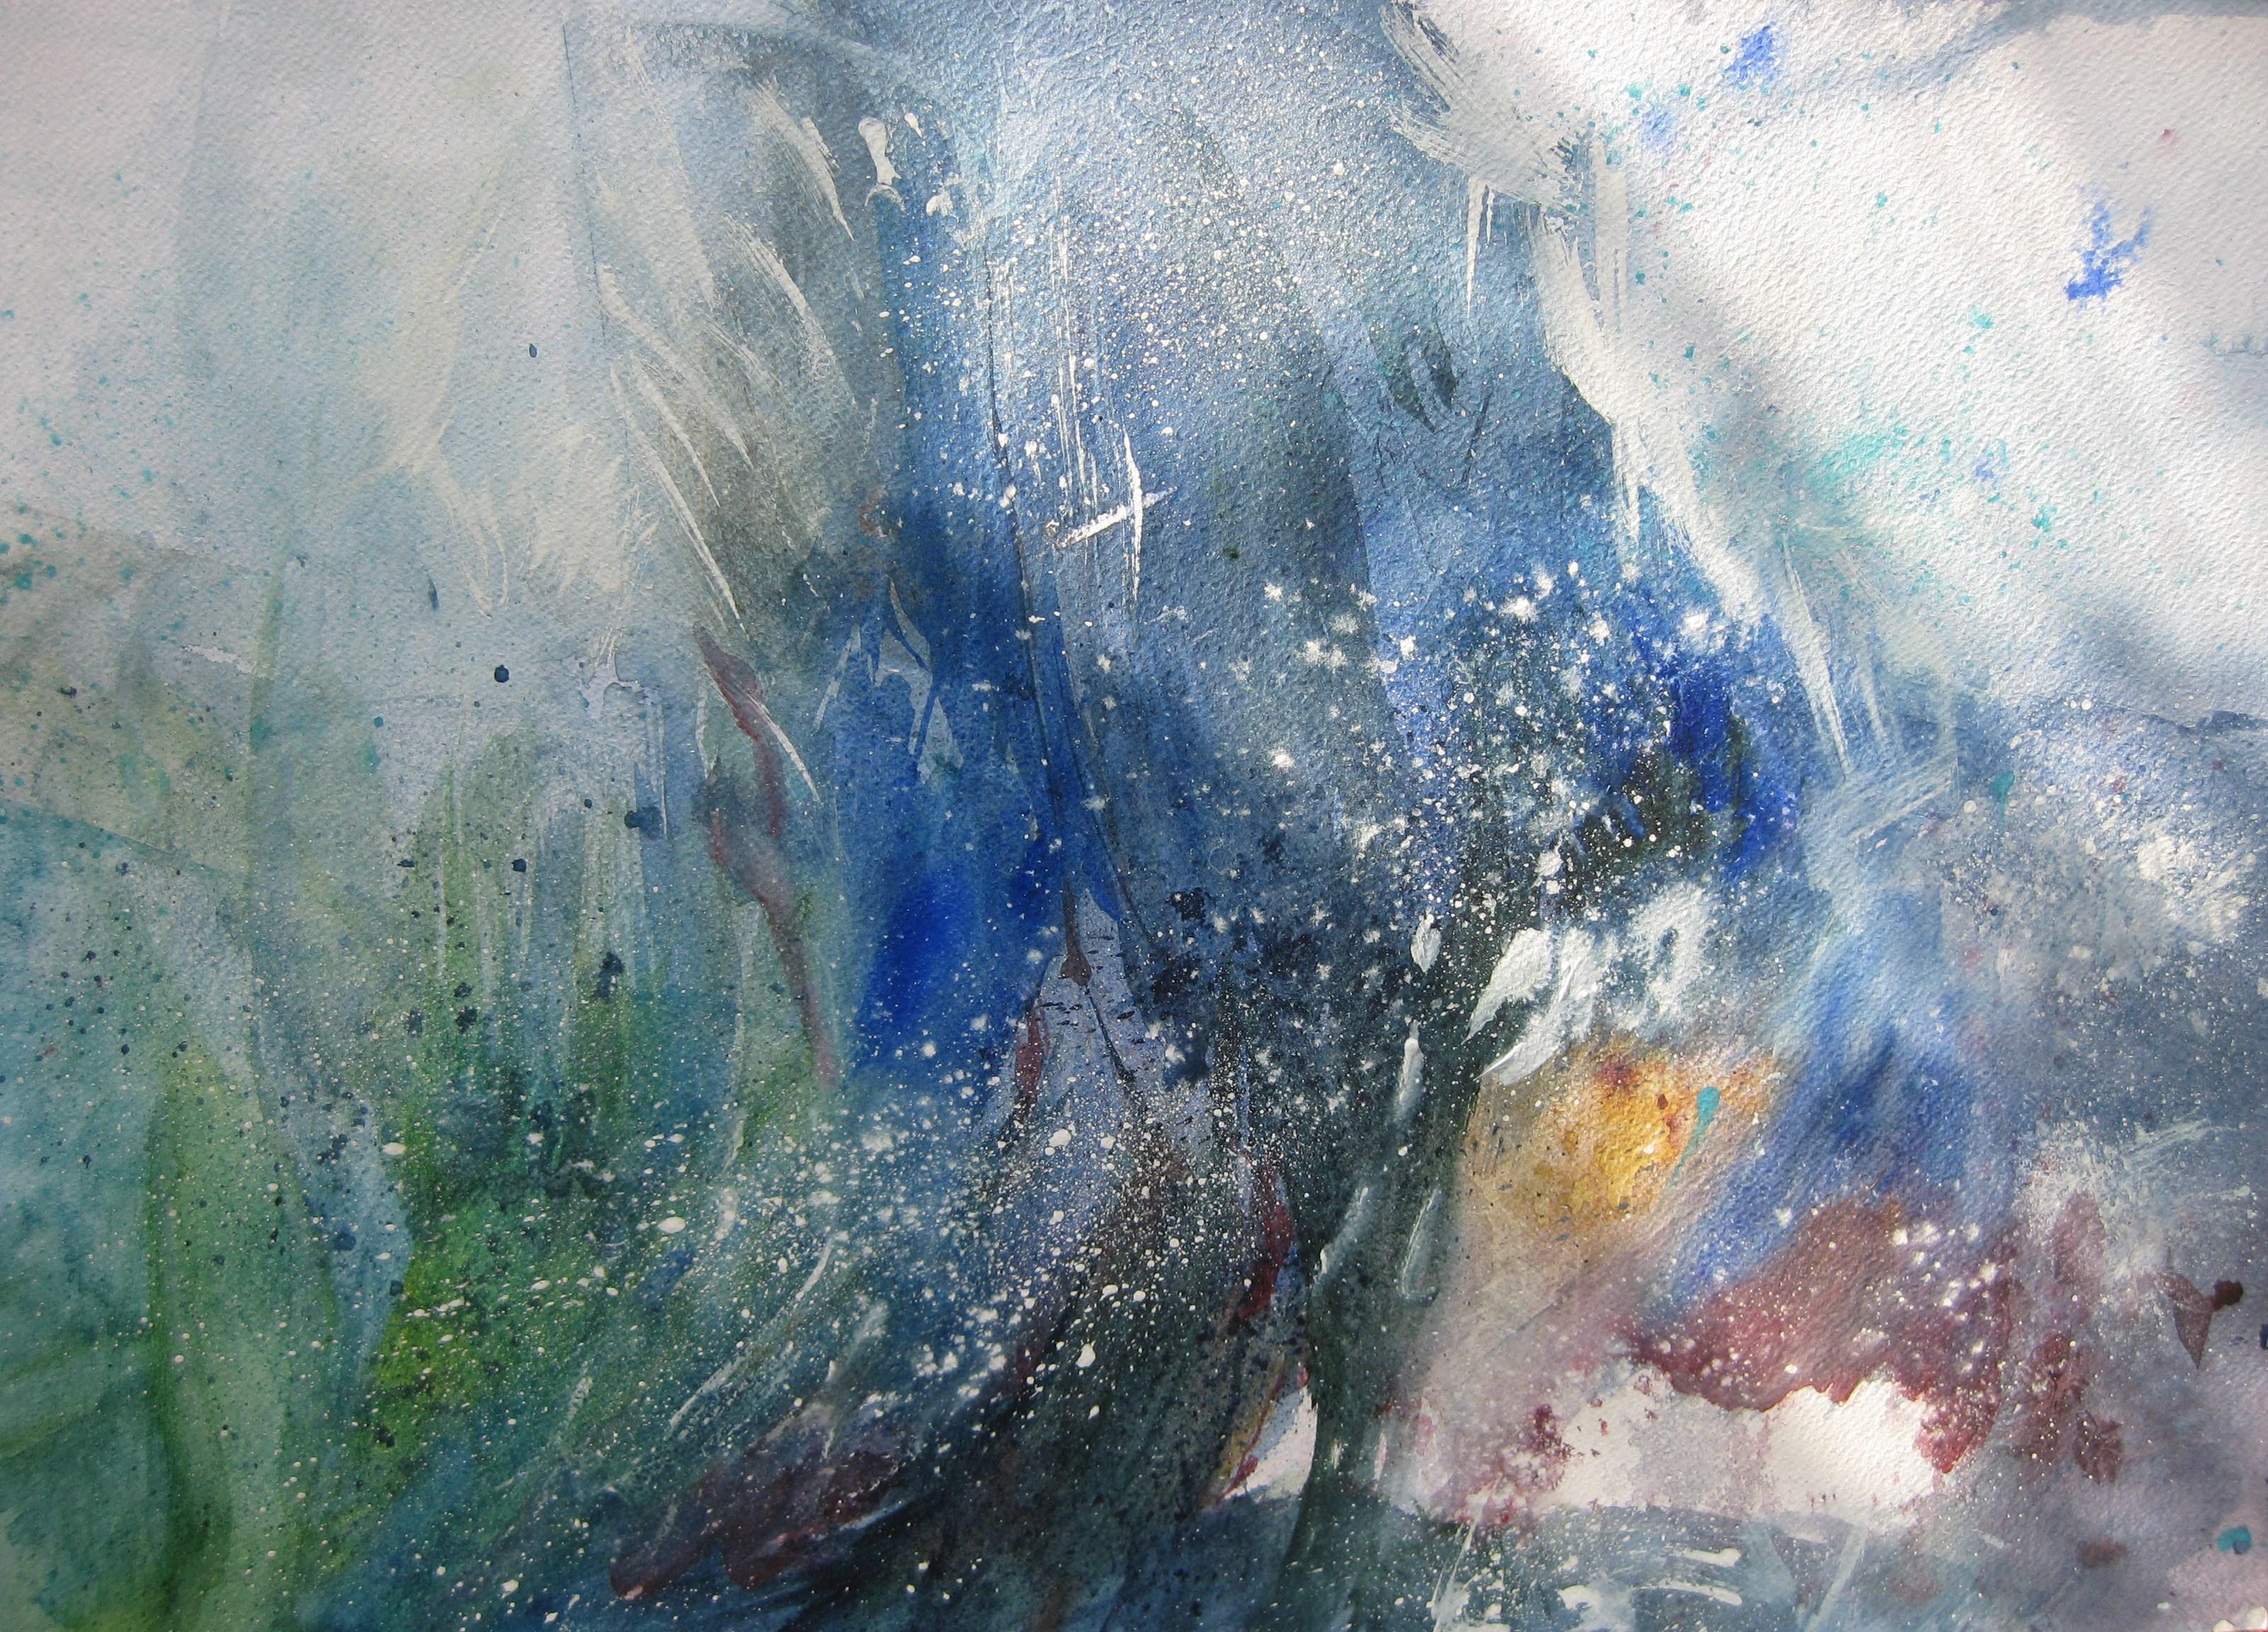 Spazi infiniti - acquerello